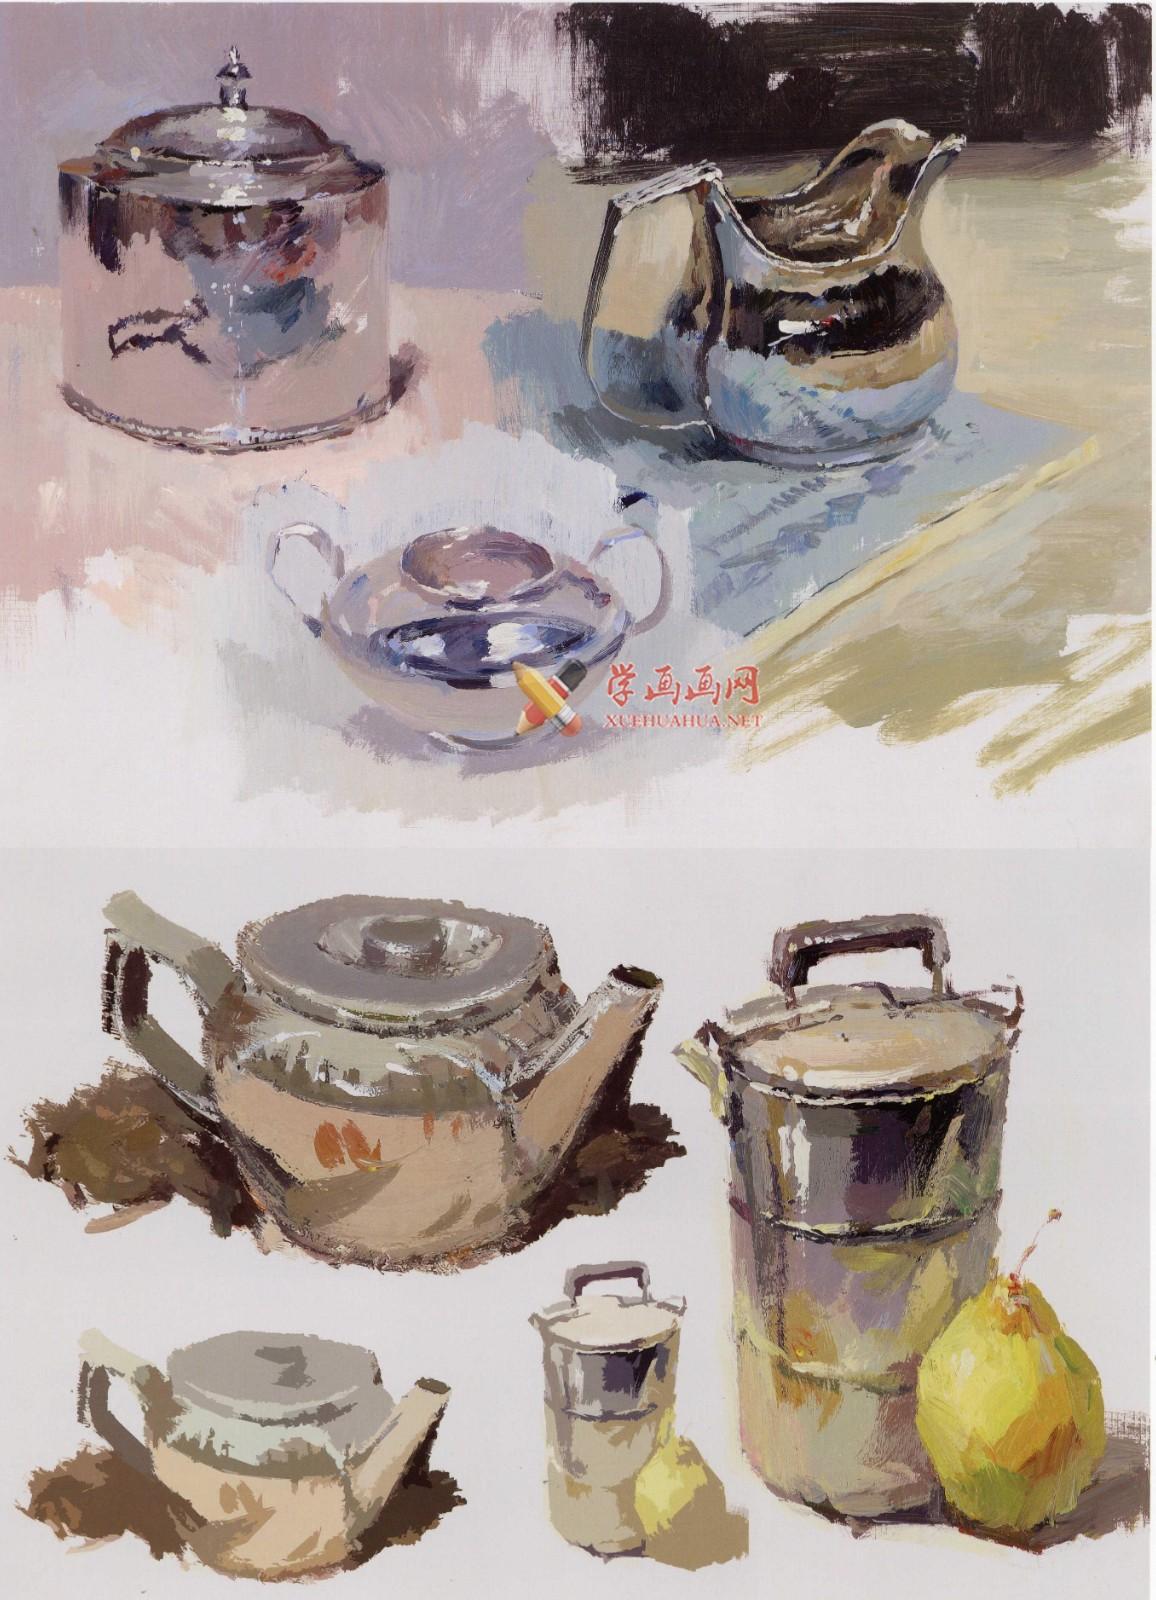 水粉画不锈钢物体的画法要点_水粉画不锈钢物体范画临摹素材(5)